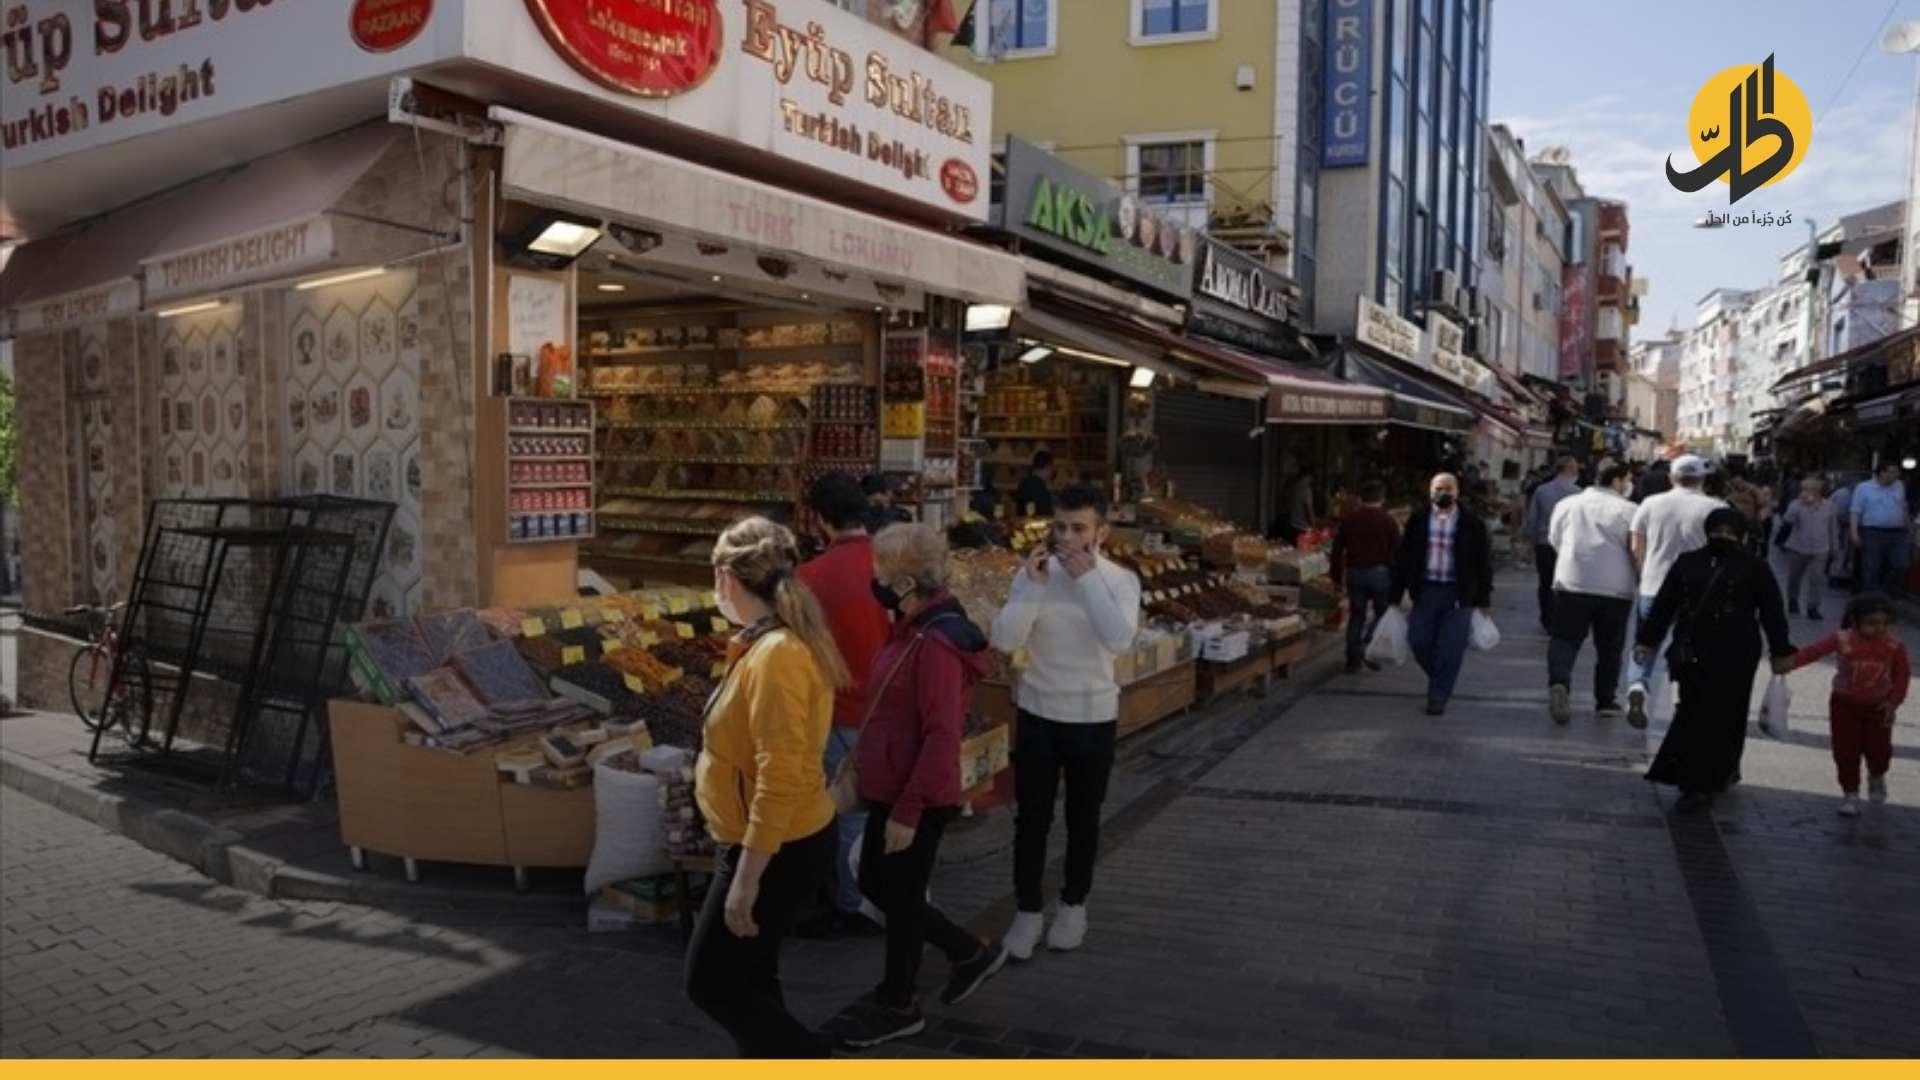 سوريون في تركيا لن يعرفوا من العيد إلا اسمه.. فما هي الأسباب التي دفعتهم لذلك؟